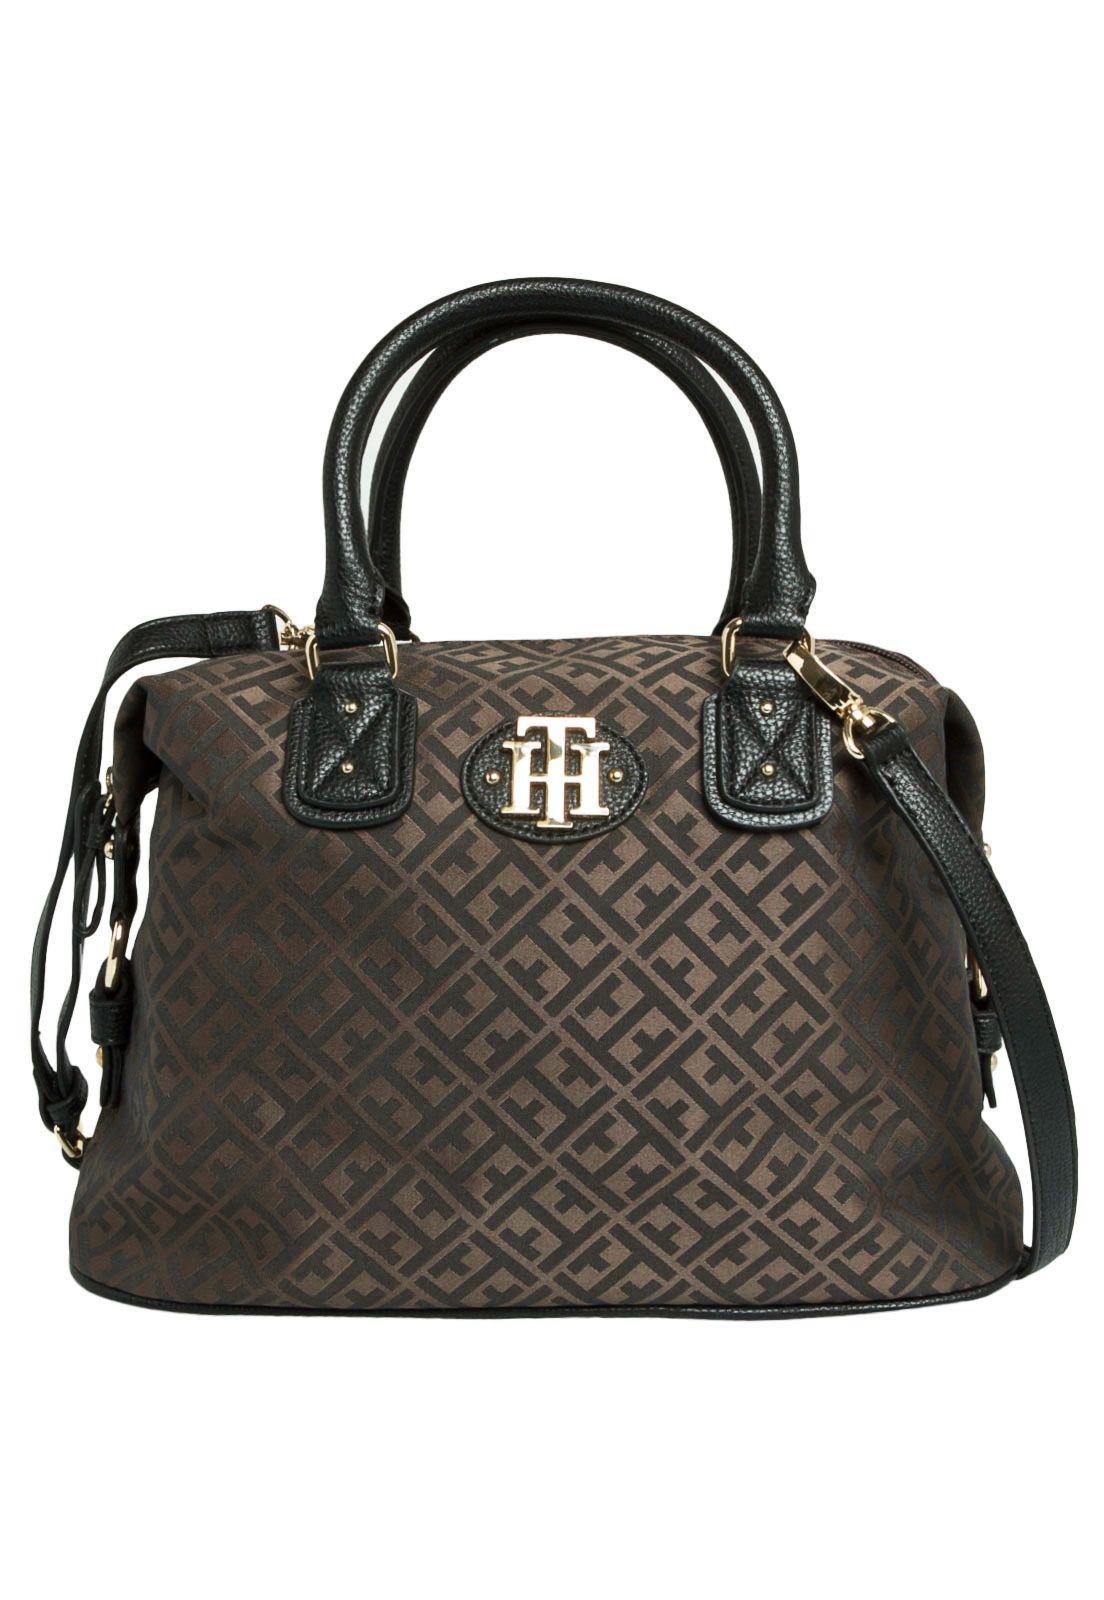 Bolsa Tommy Hilfiger Quadrada Marrom - Compre Agora   Dafiti Brasil 2c36e7abc5